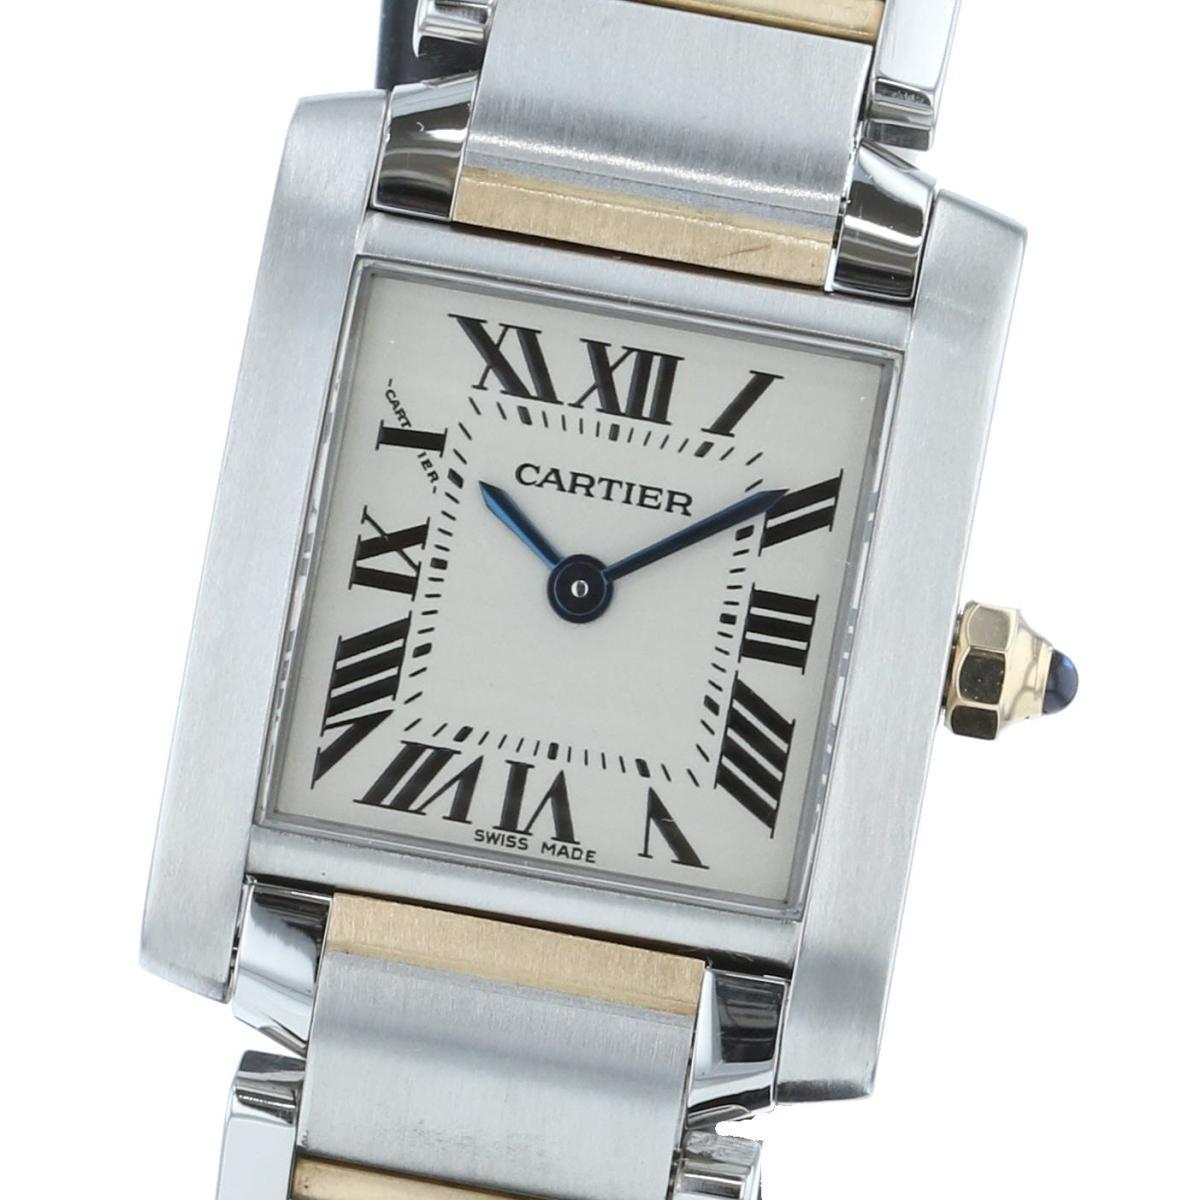 【中古】Cartier (カルティエ) タンクフランセーズSM 時計 クオーツ/レディース Tank Francaise White/ホワイト W51007Q4 used:A